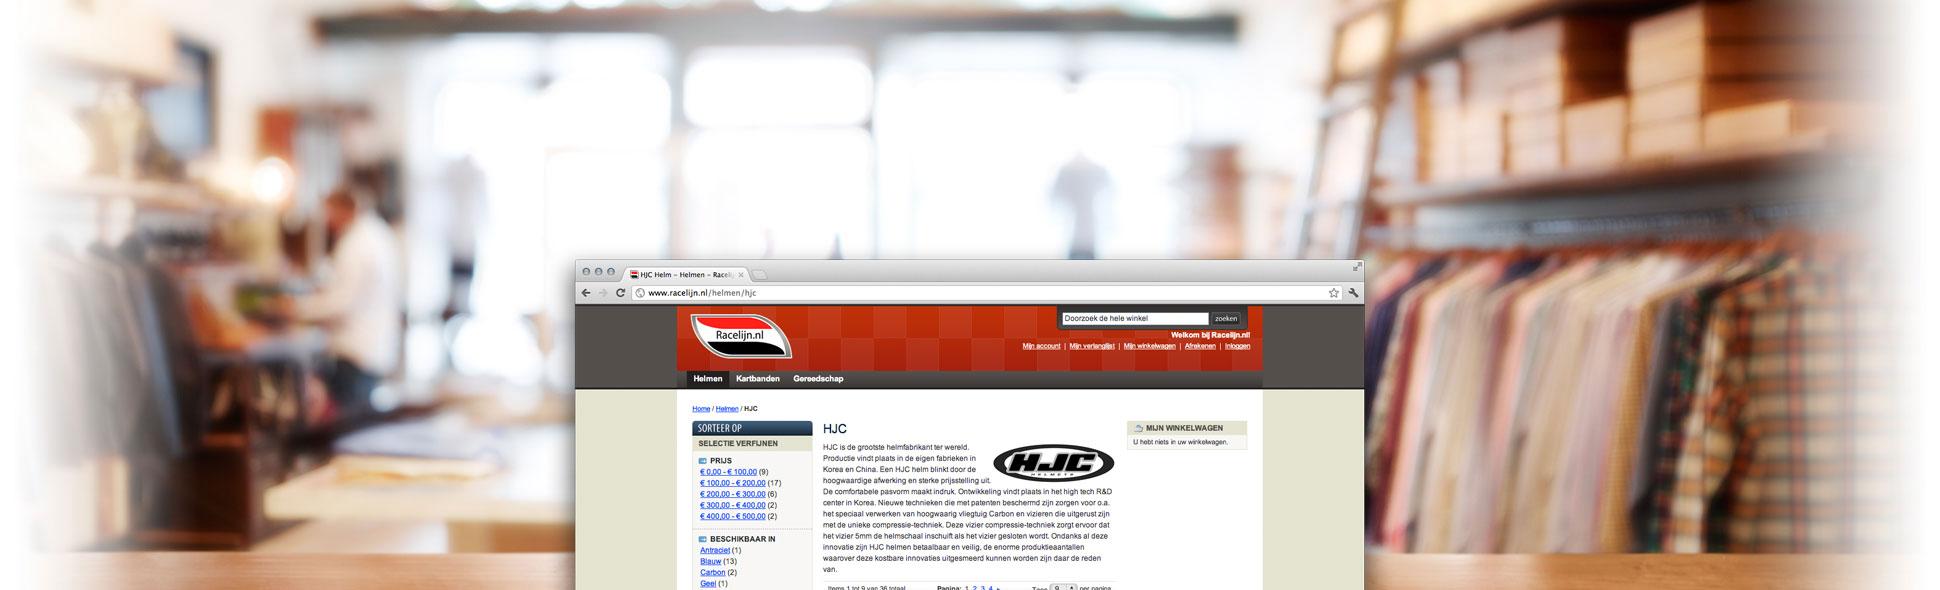 Webwinkel leasen - verhoog uw omzet en profiteer van de verkopen via internet